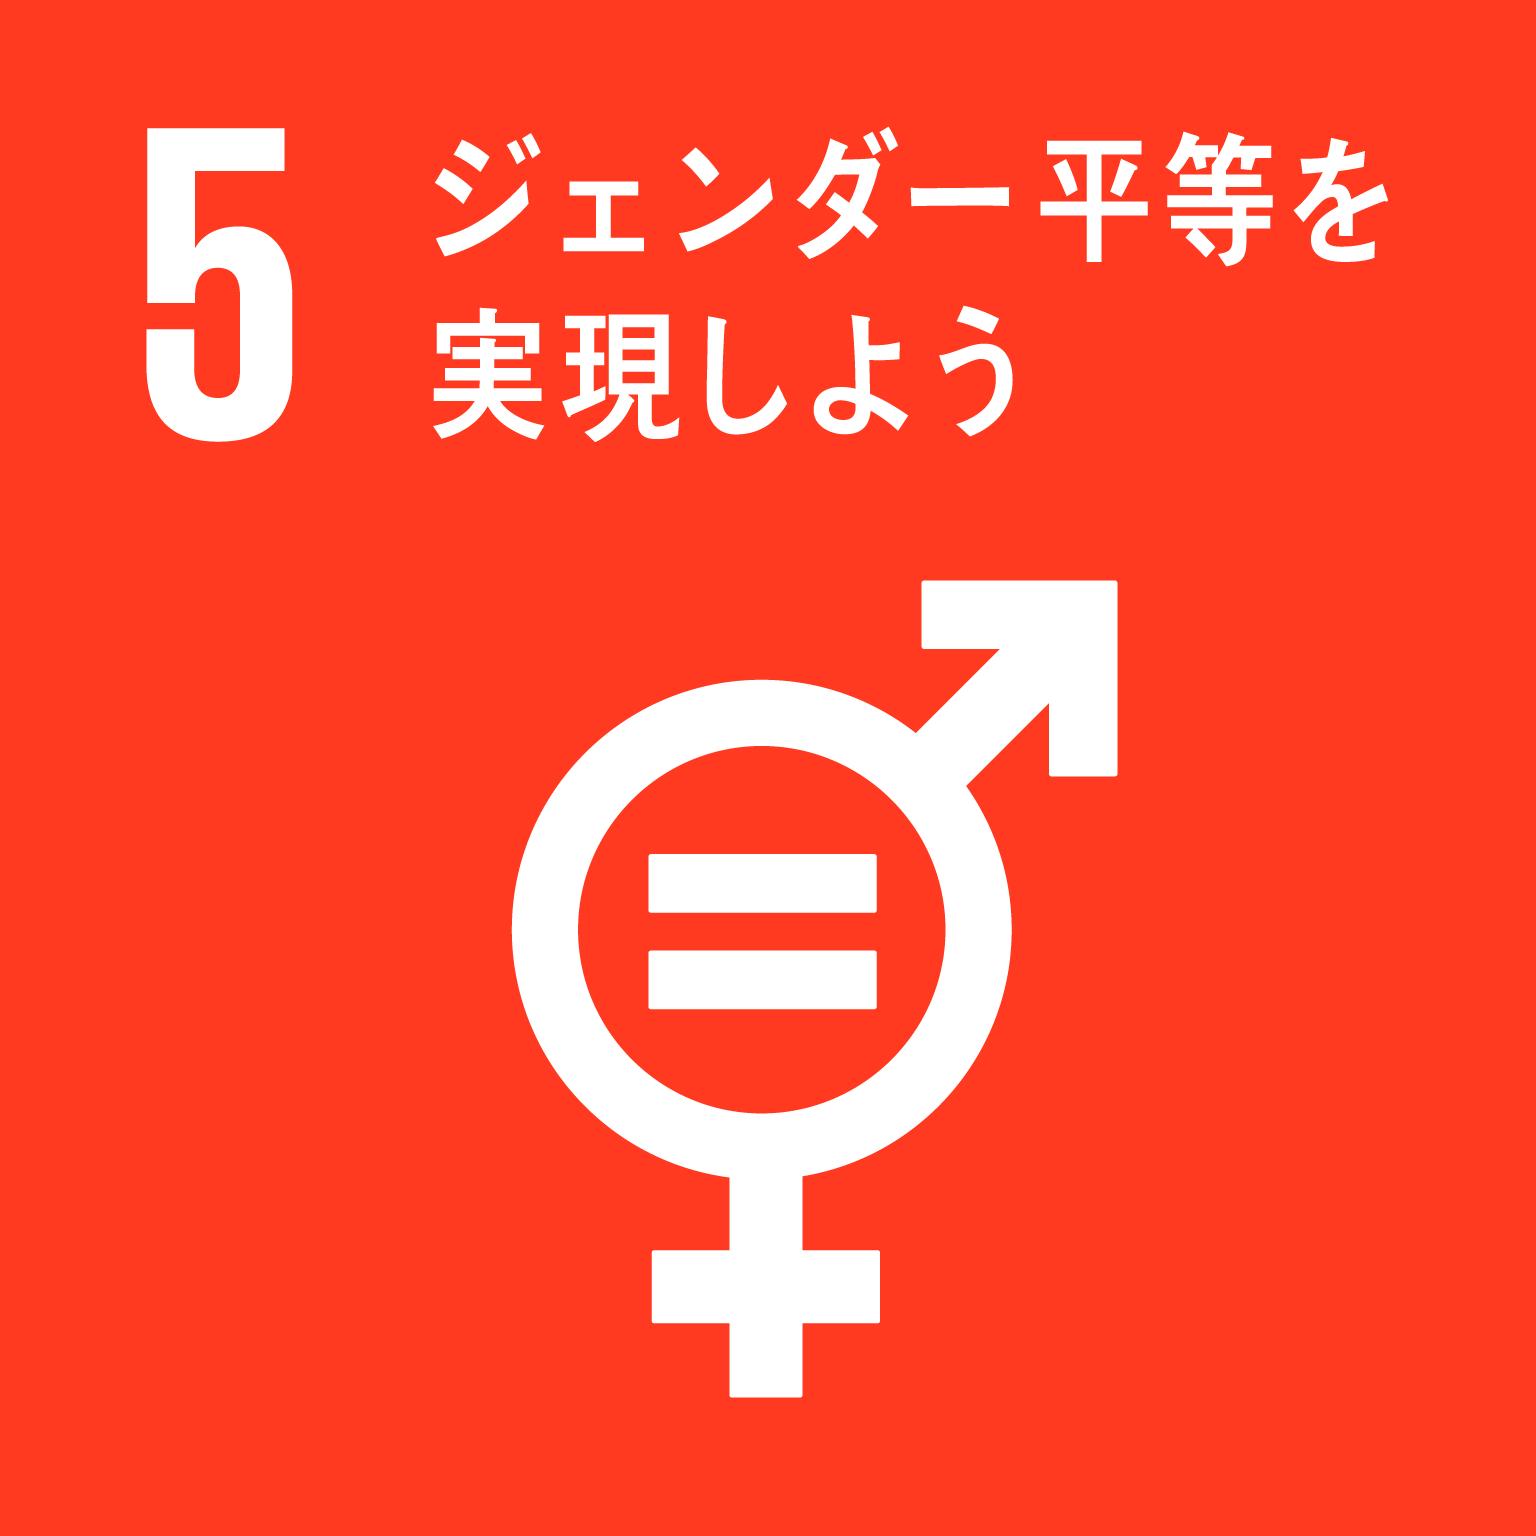 毎日興業の取り組み_SDGs05